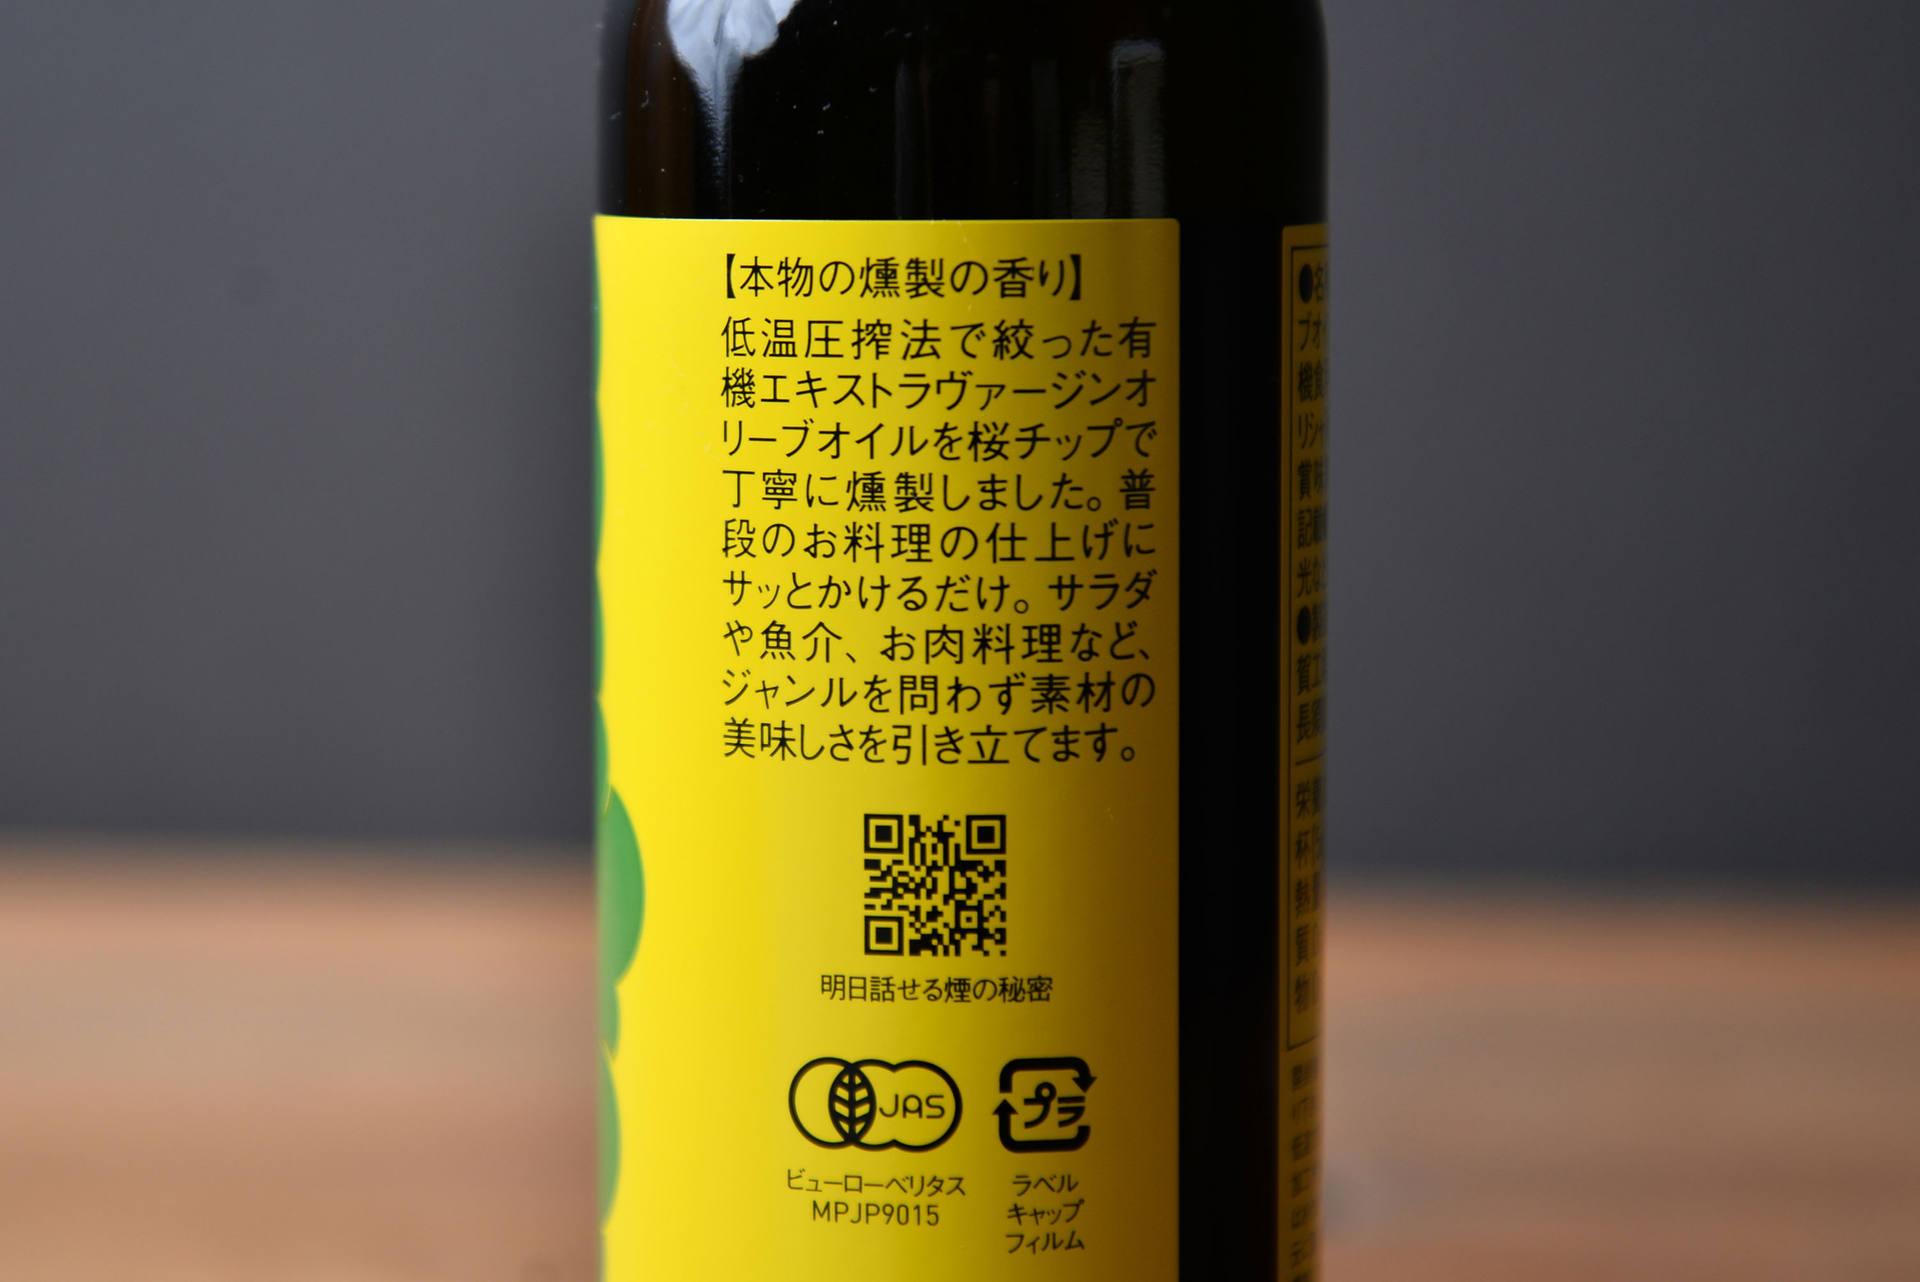 kazusa-smoke10.jpg